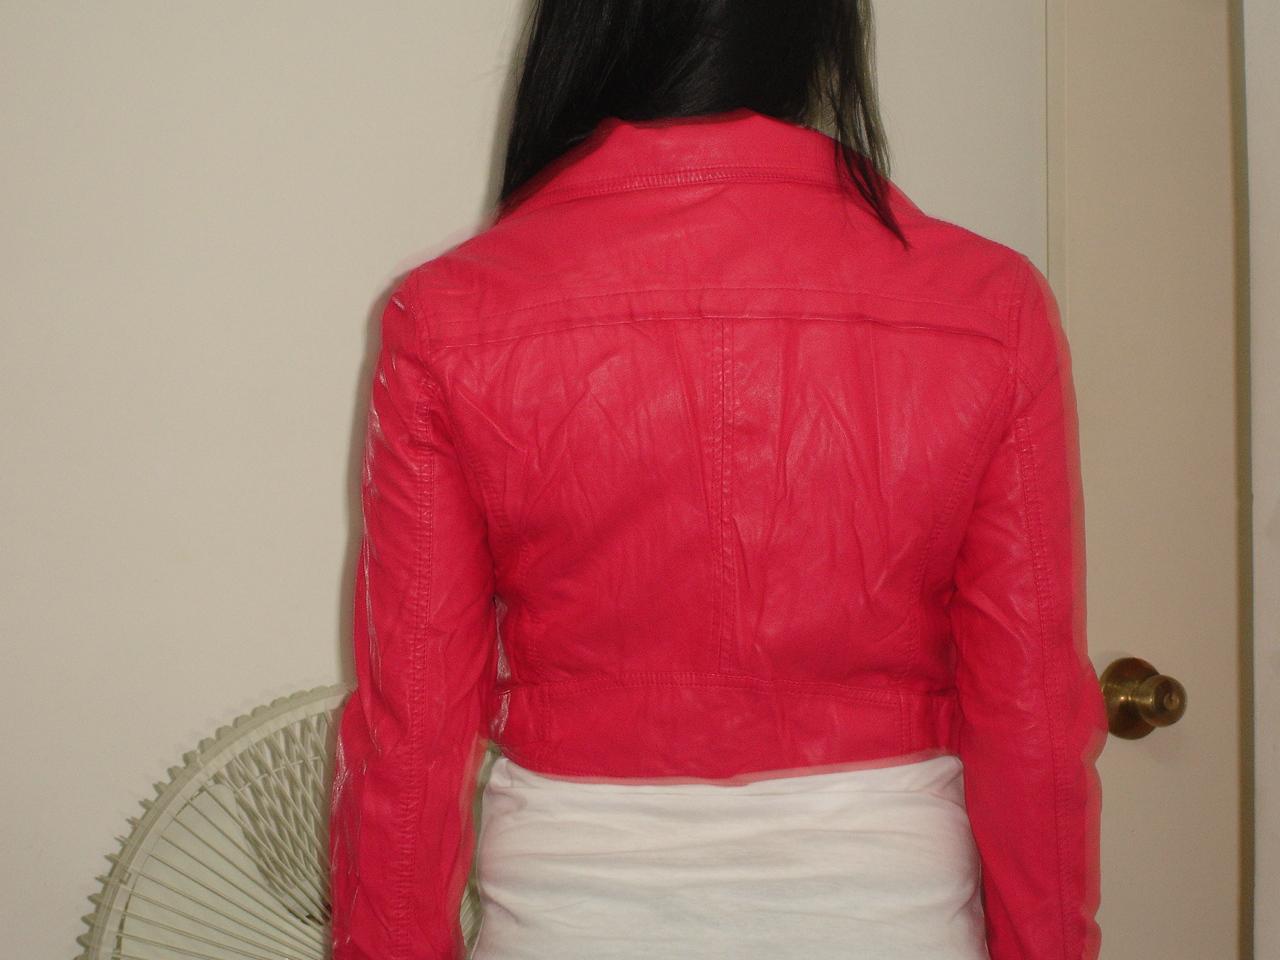 http://1.bp.blogspot.com/-hvGo_RS6KlQ/TrlHBFEBROI/AAAAAAAACPg/yRM3zvNojdU/s1600/DSC00193.JPG